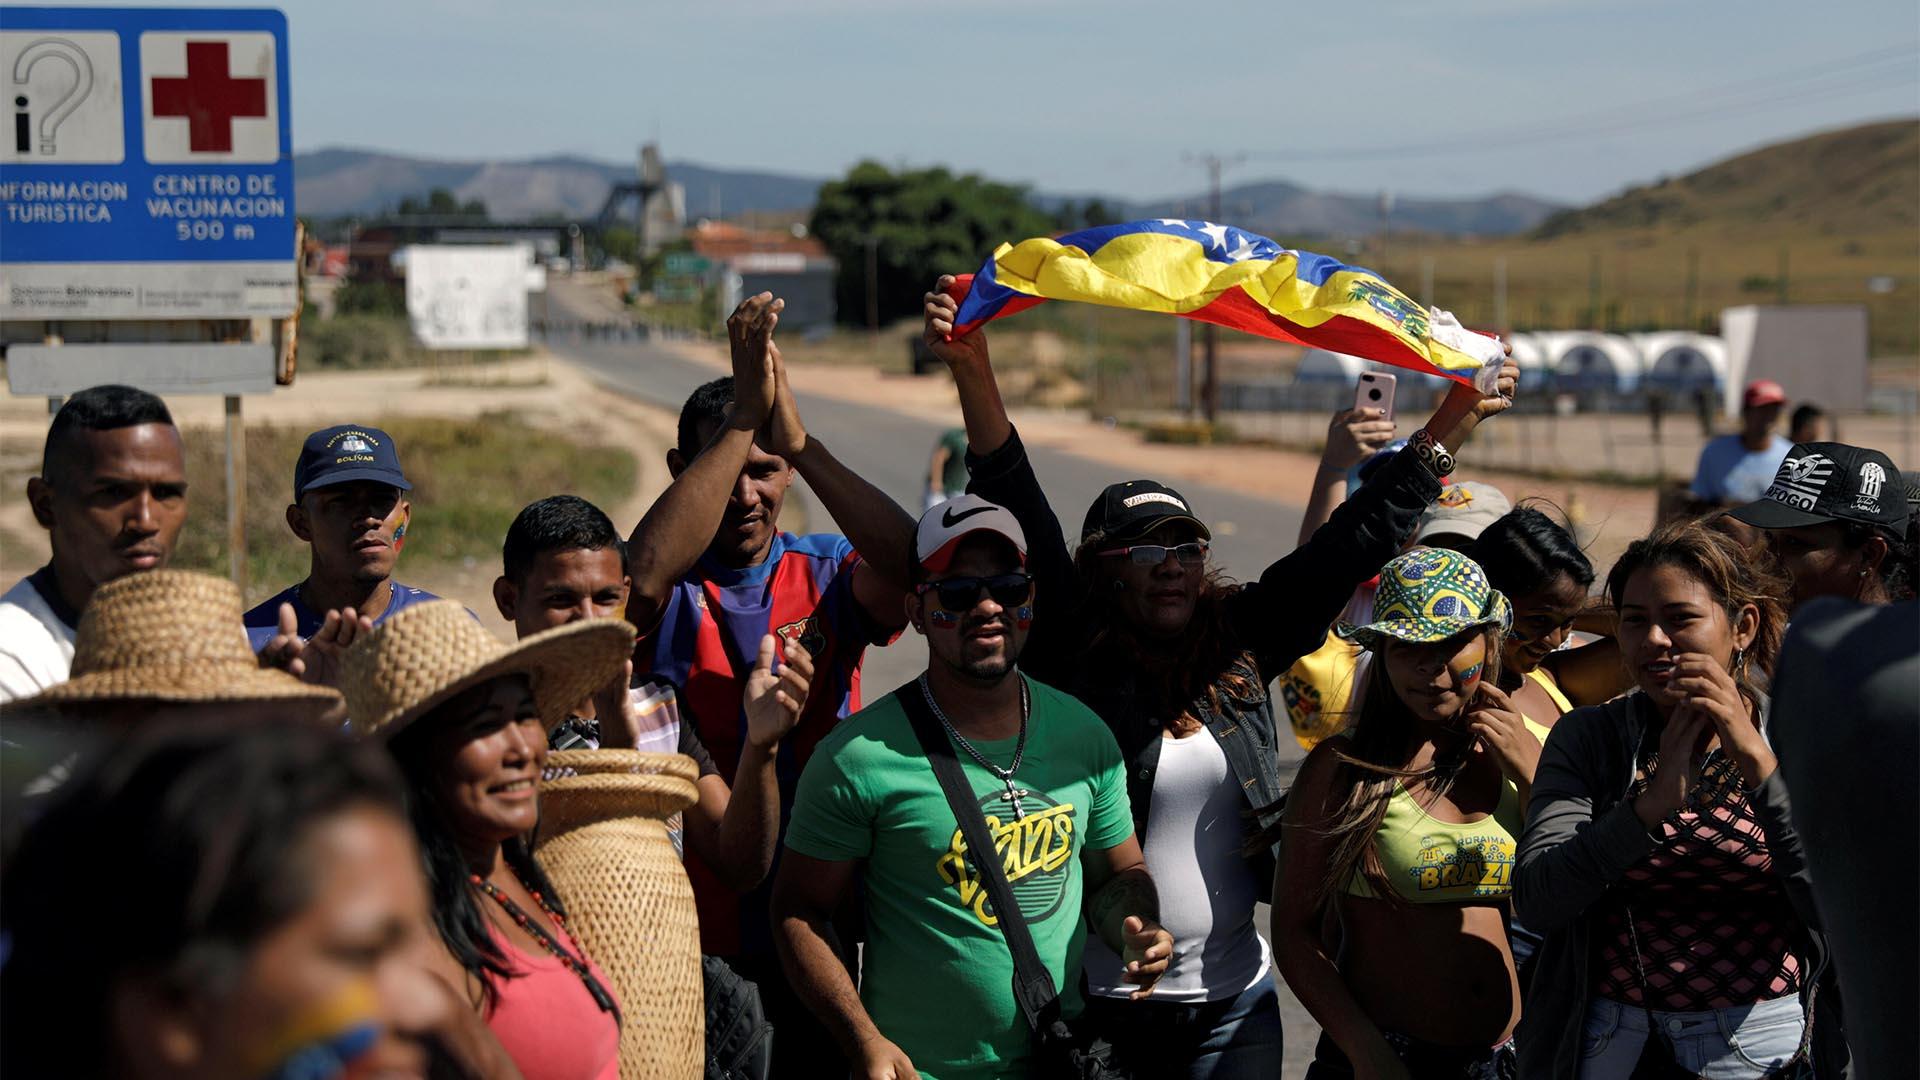 La gente se reúne en la frontera entre Venezuela y Brasil en Pacaraima, estado de Roraima, Brasil (Reuters)